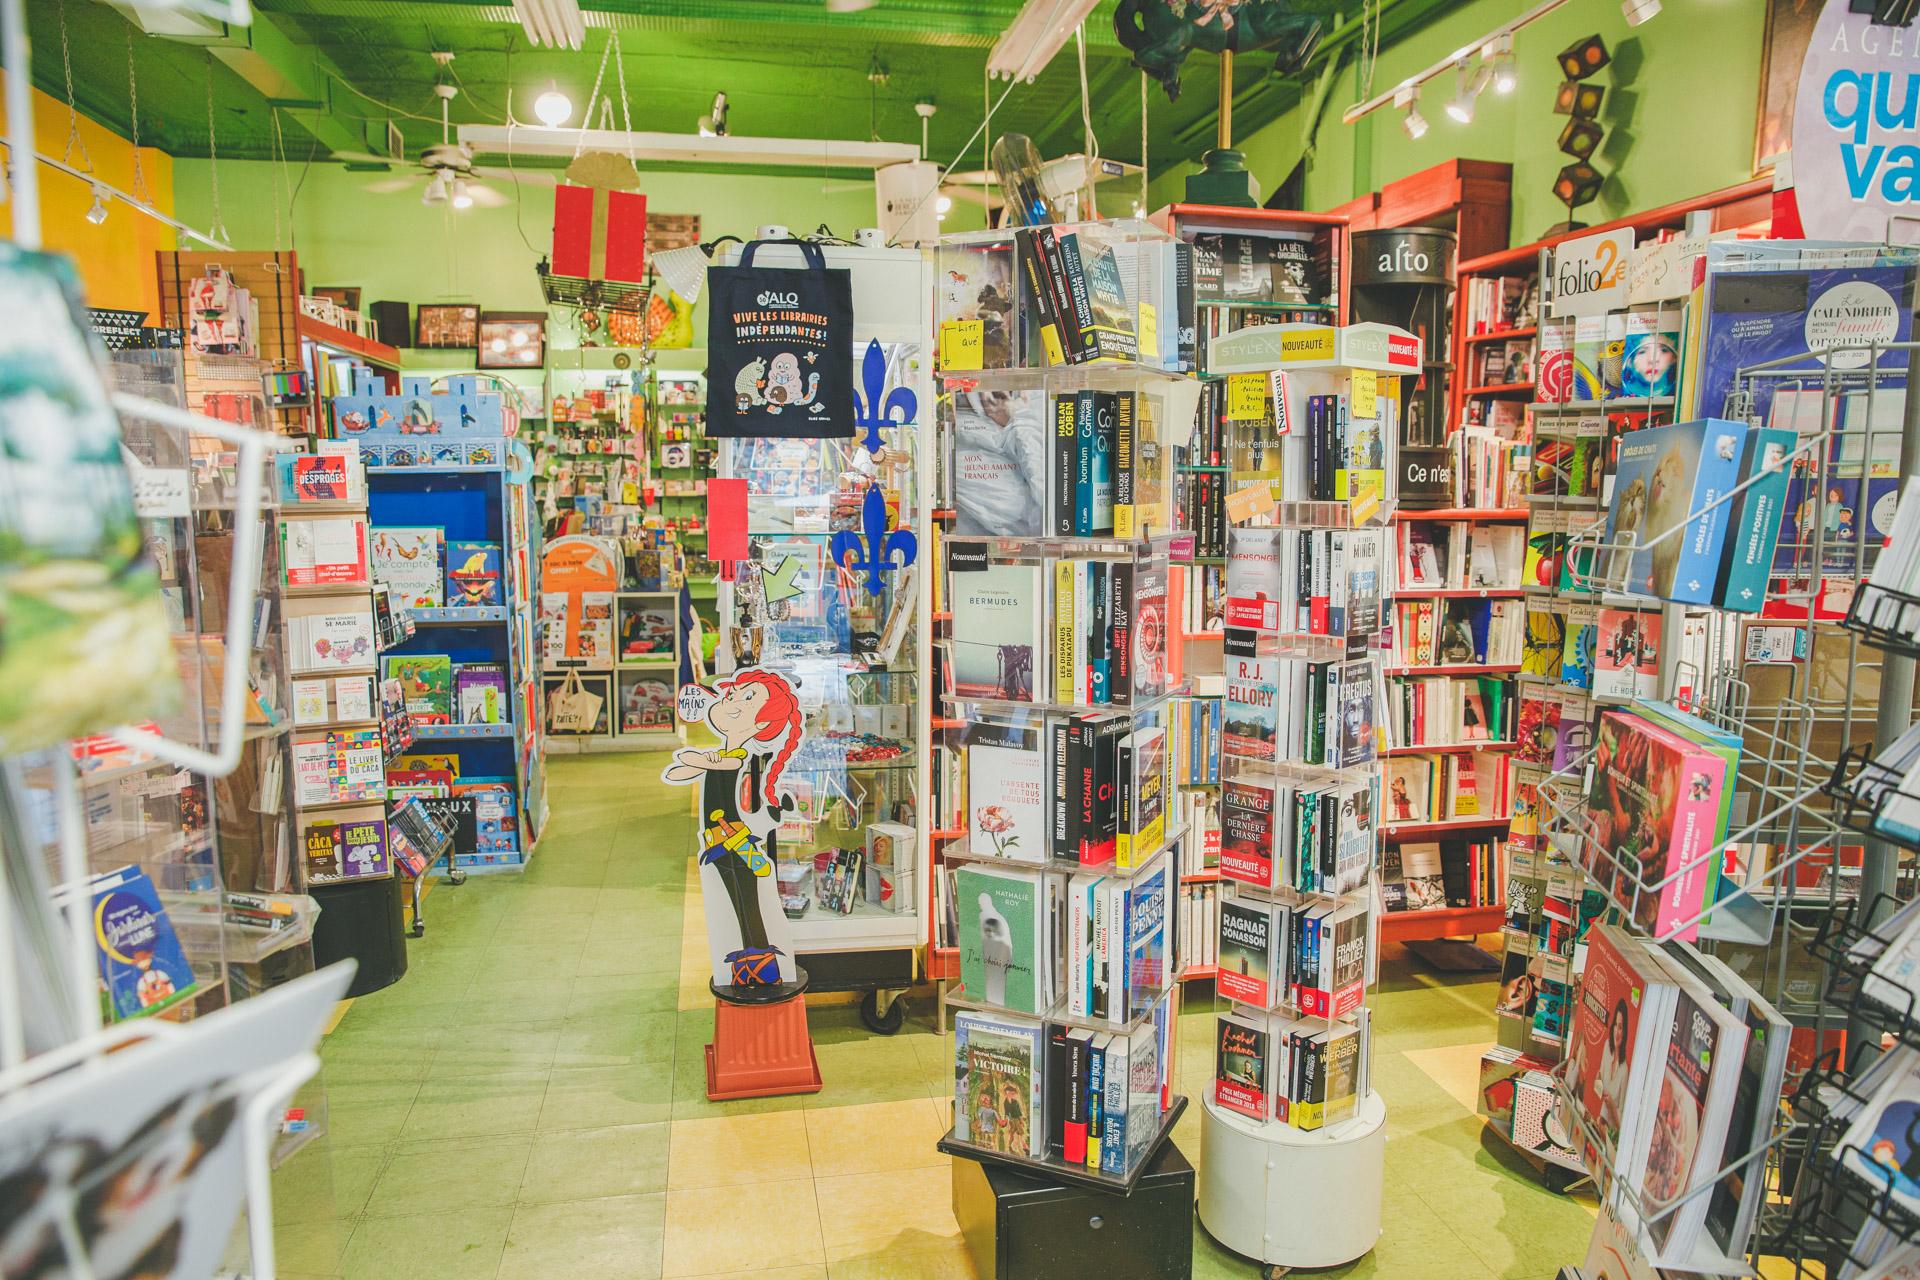 Librairie Limasson in Montréal: Accueil et zone nouveautés